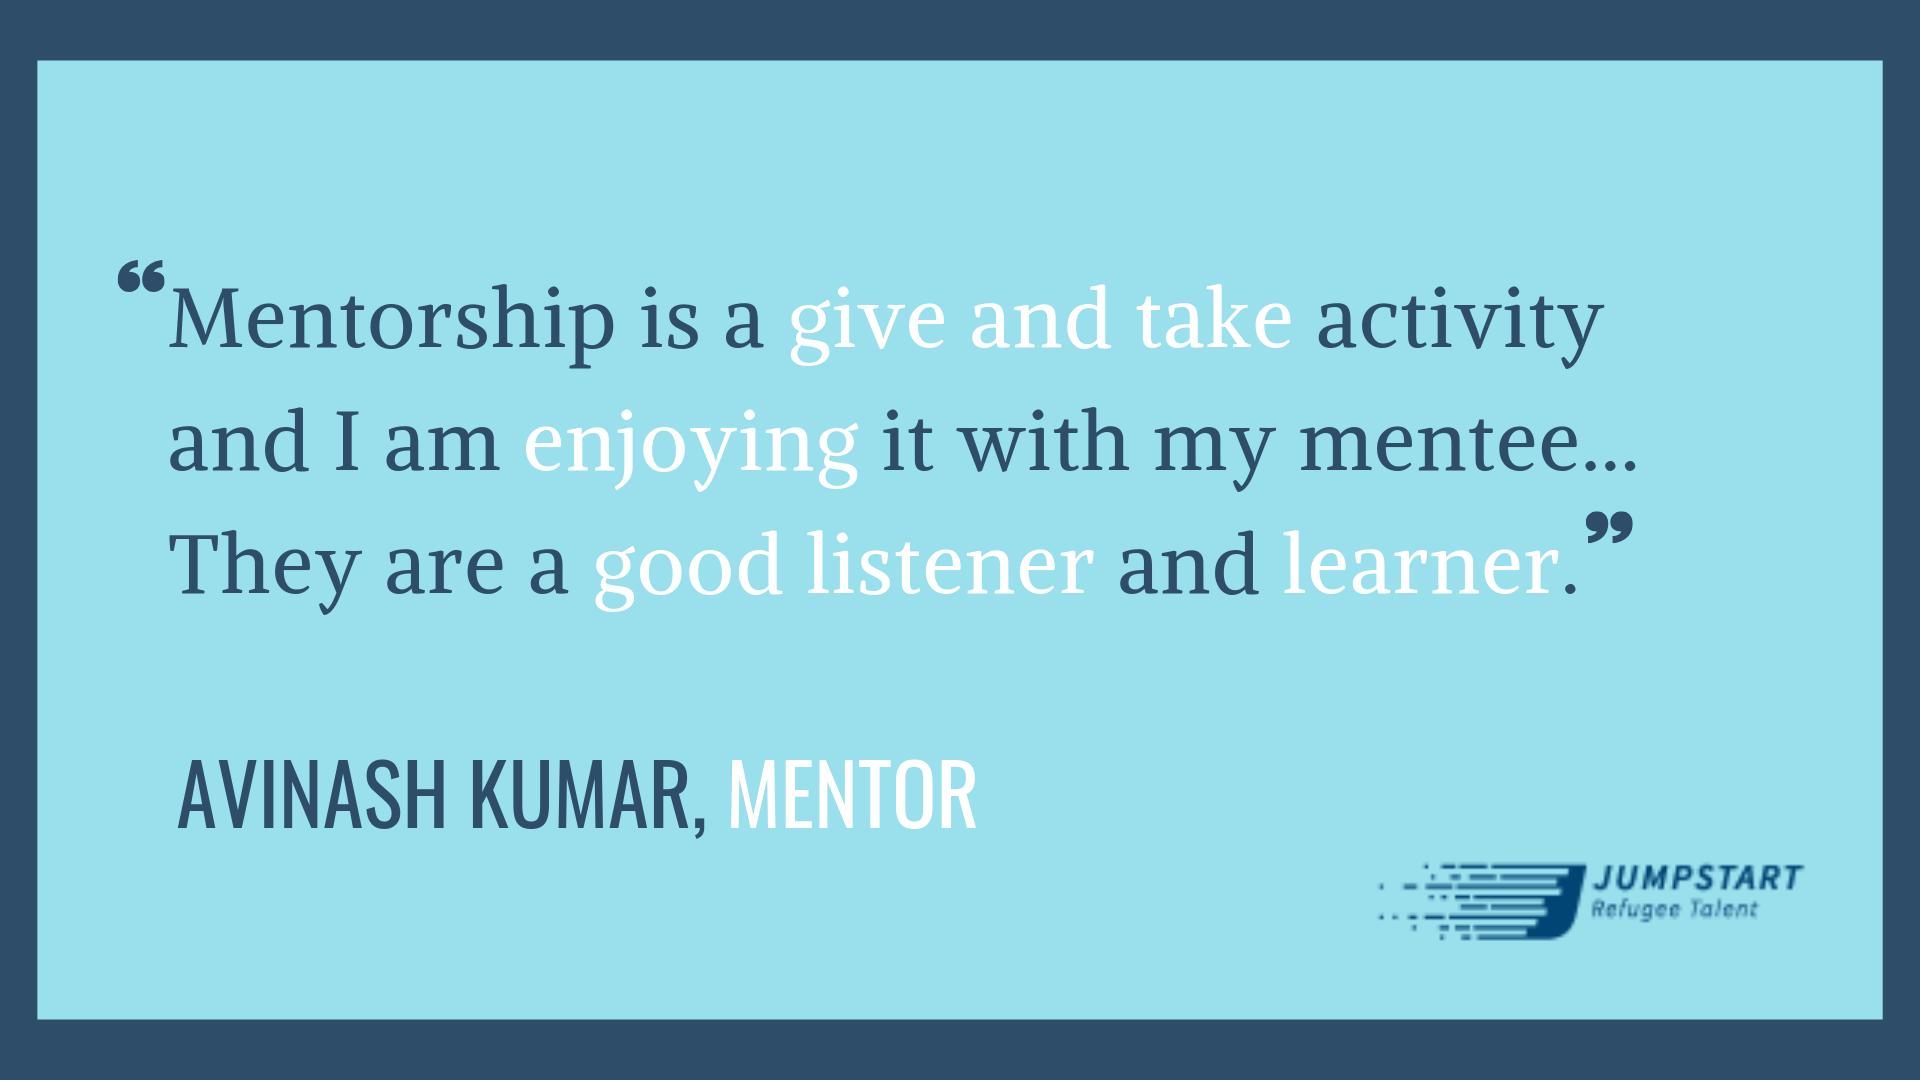 july 25 - mentor linkedin.png